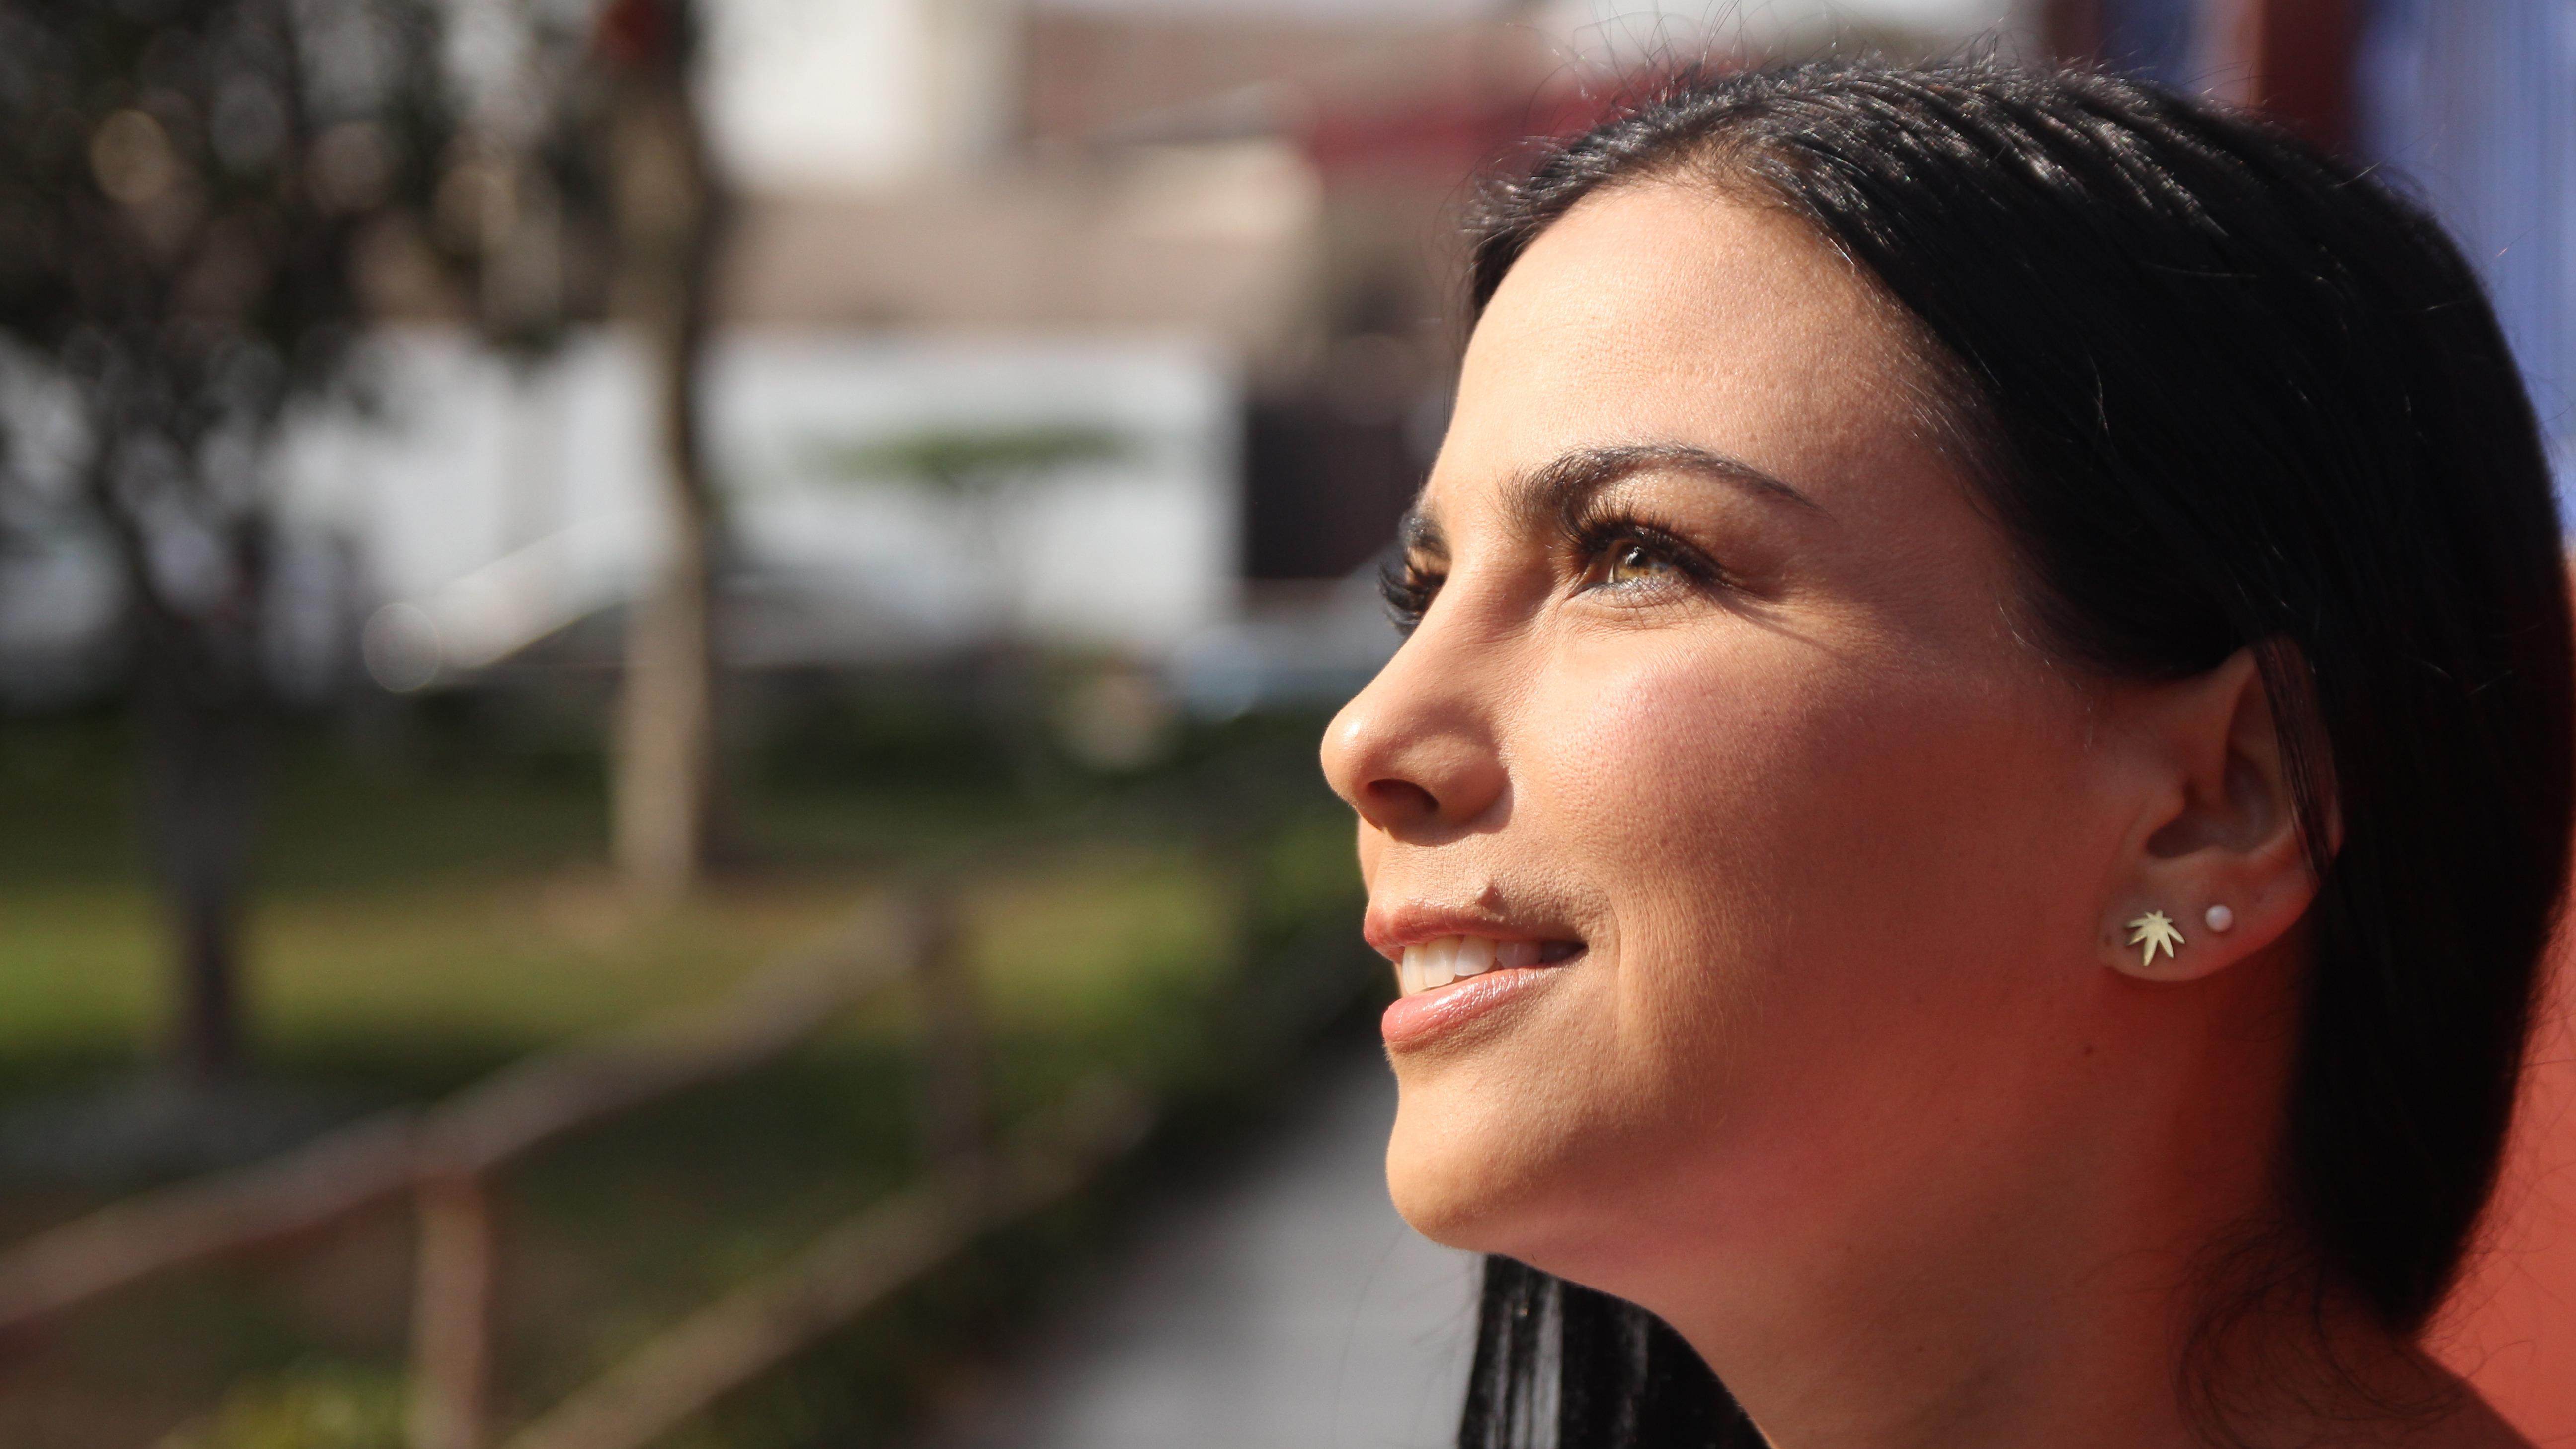 Milagros López Arias ganó un Premio ACE (Oscar latinoamericano) por su papel protagónico en la serie de Santa Rosa de Lima.